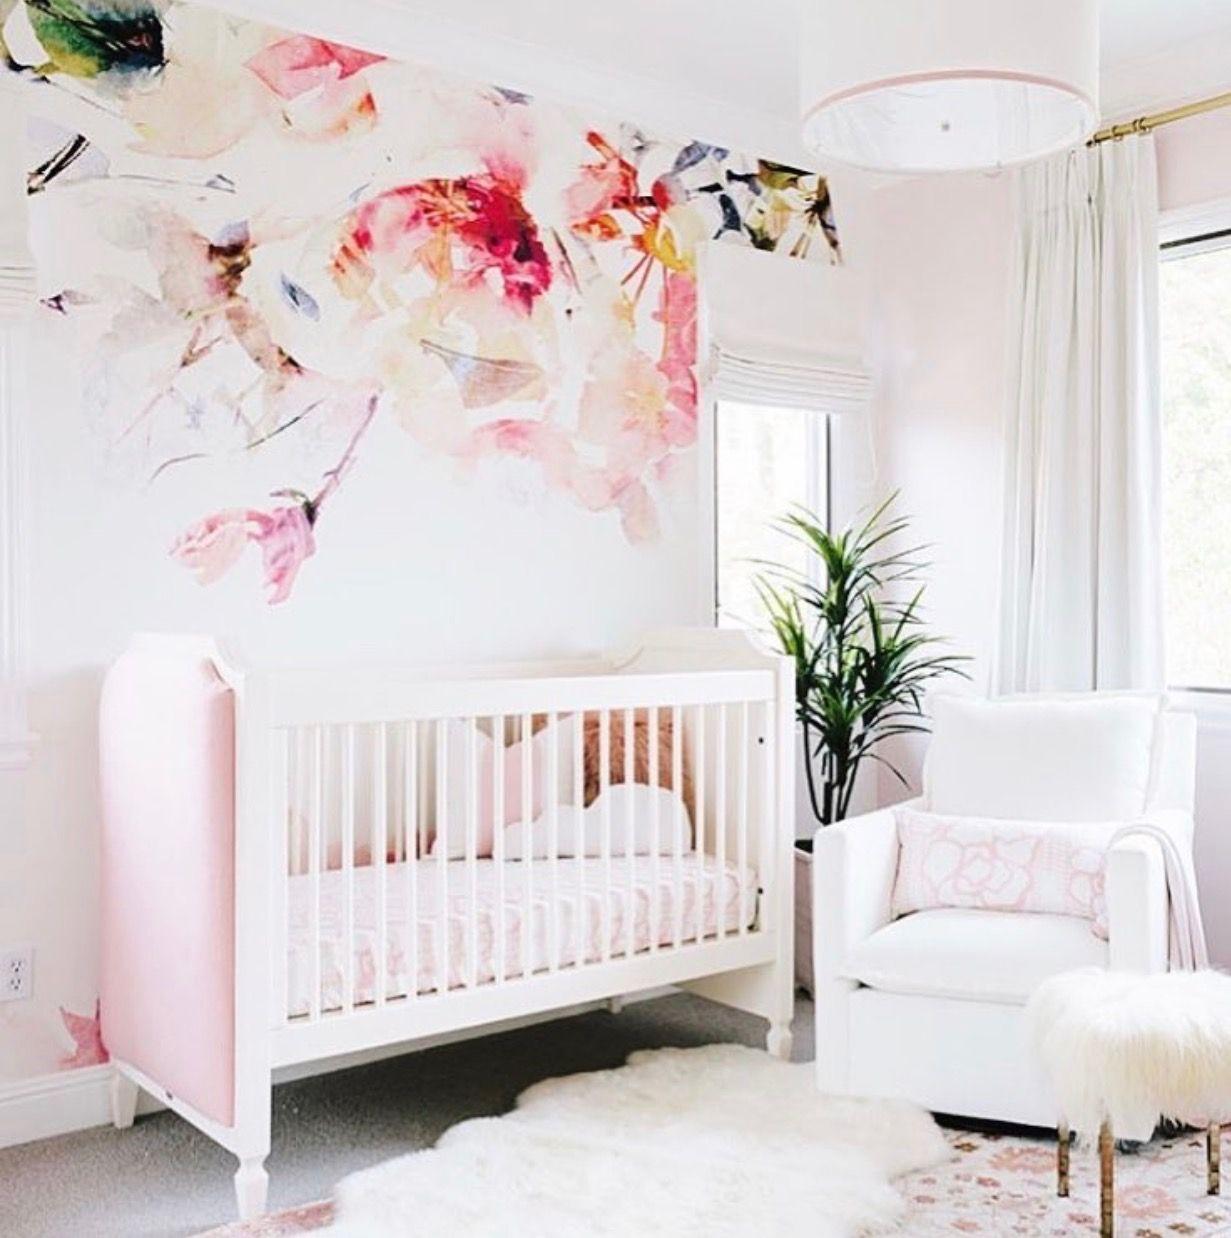 Raumaufkleber für mädchen pin von amy mcneill auf wohnung  pinterest  kinderzimmer baby und